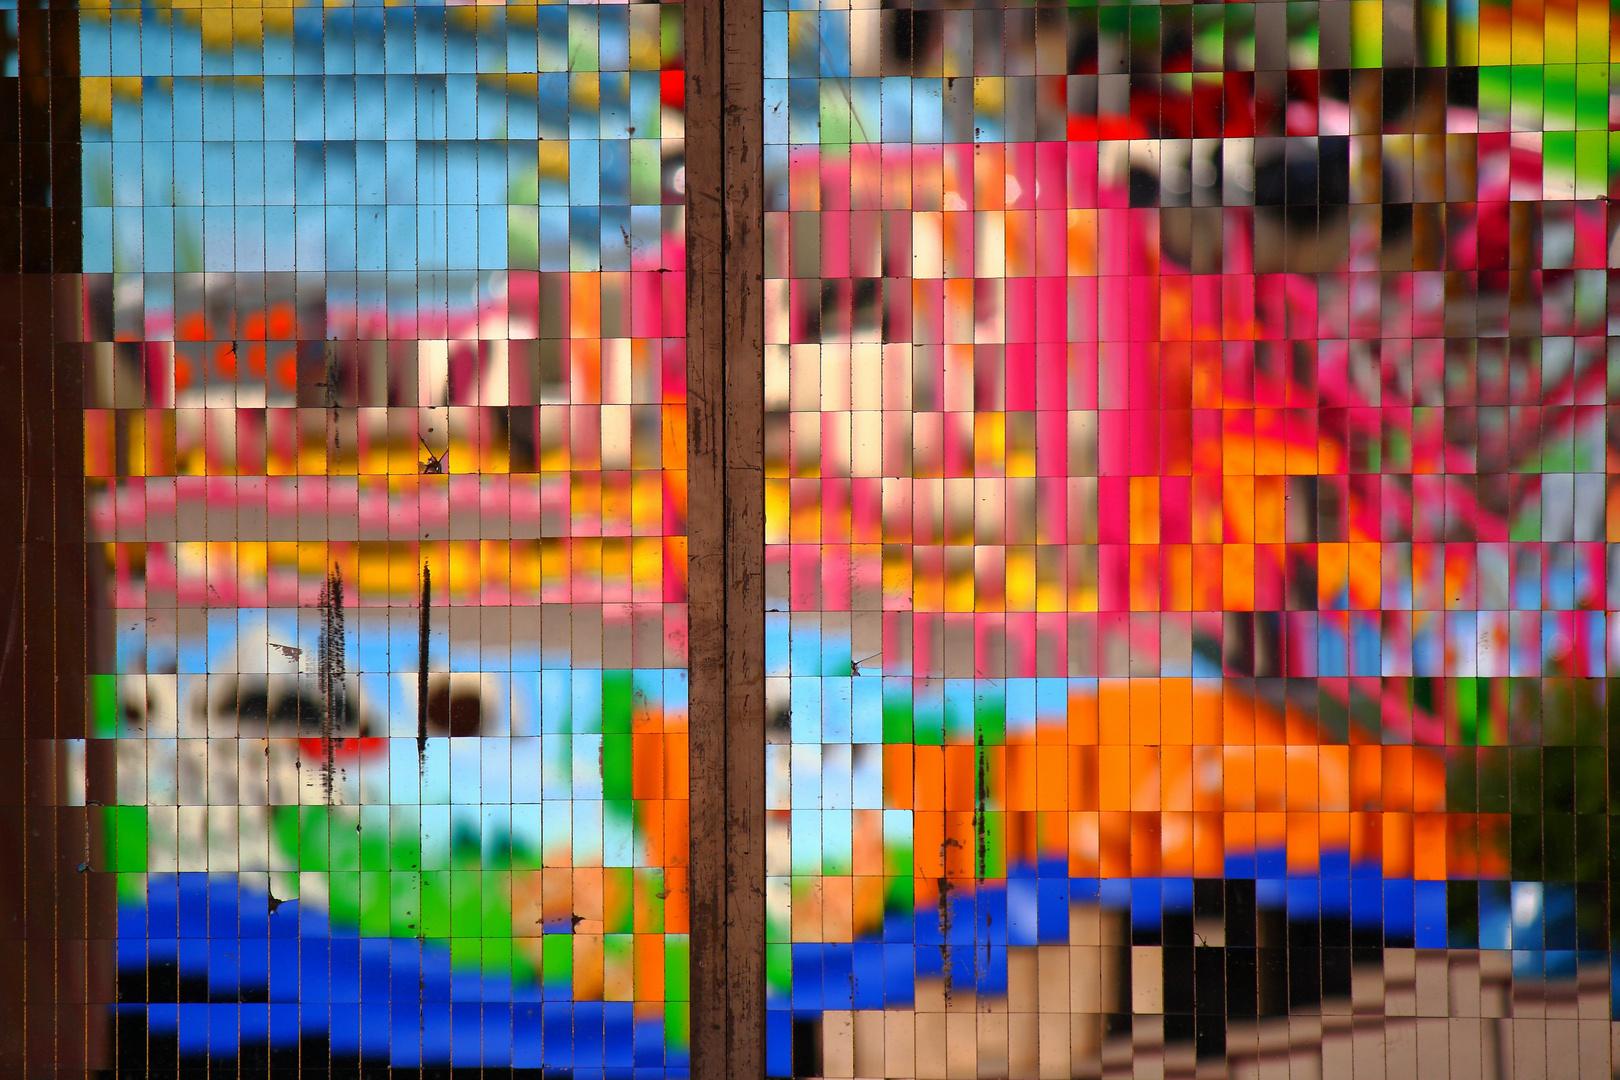 Reflet de couleurs sur un mur carrelé de miroirs